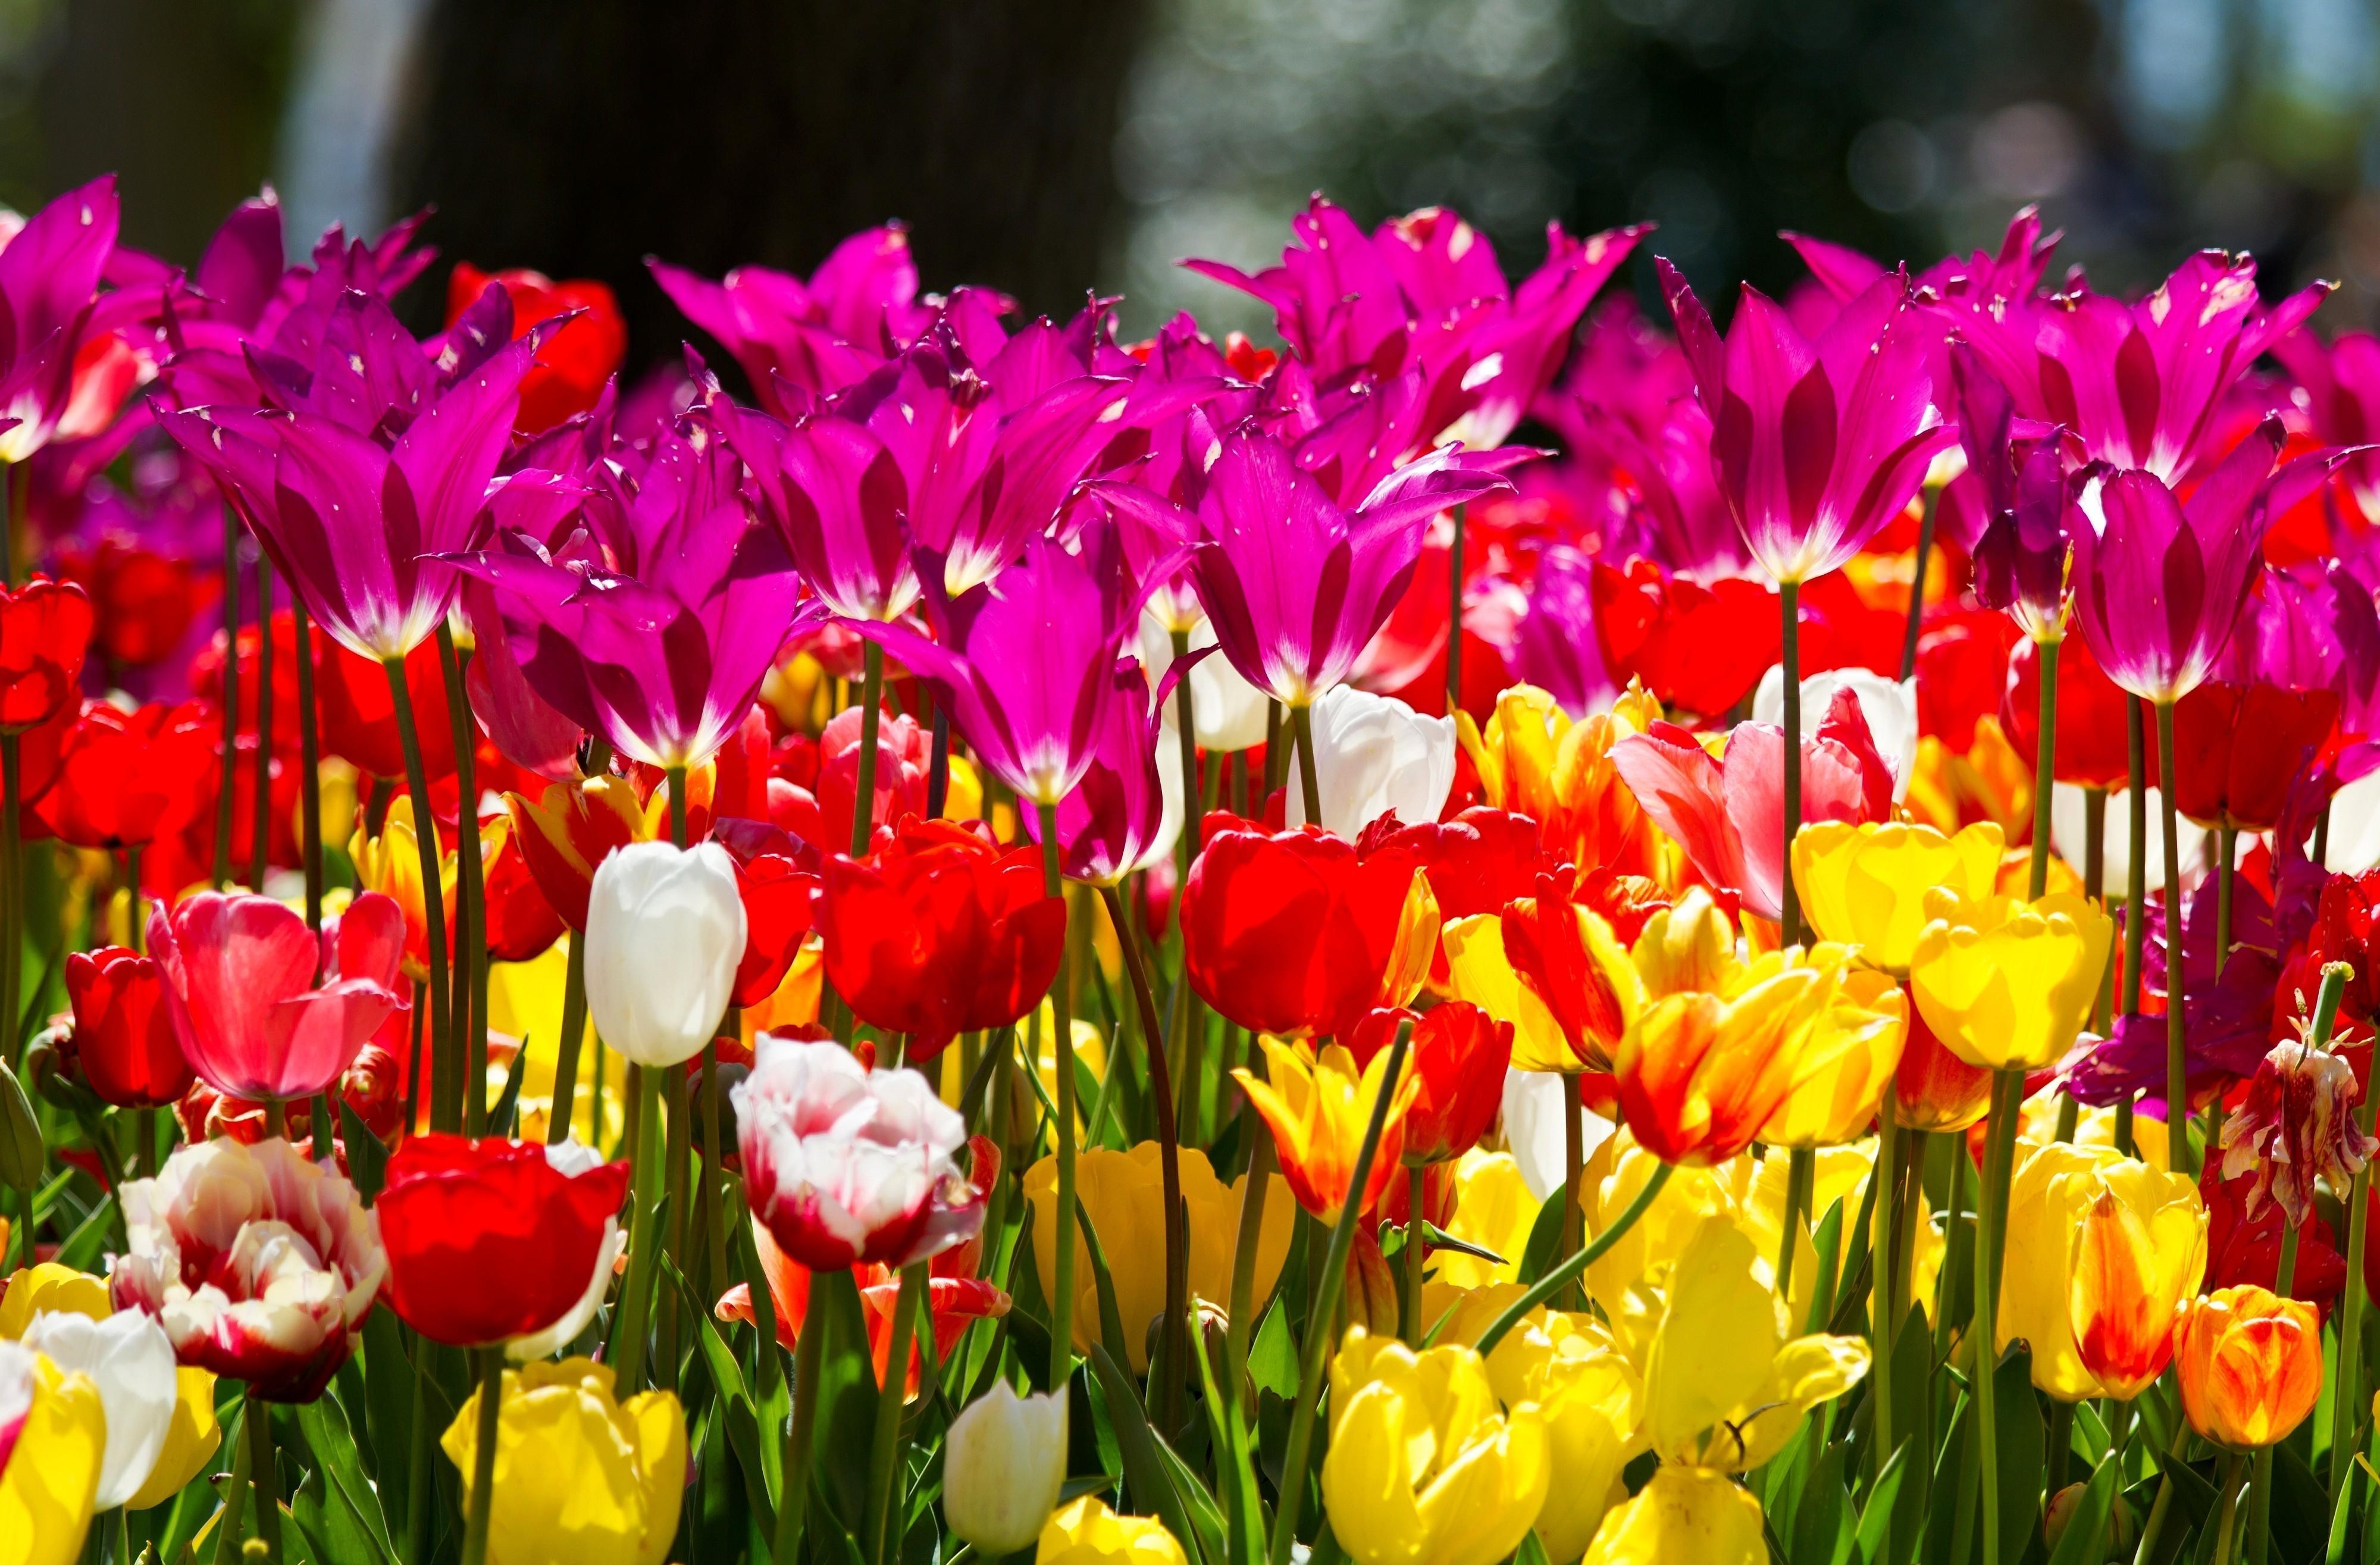 146914 скачать обои Цветы, Разные, Клумба, Солнечно, Тюльпаны - заставки и картинки бесплатно